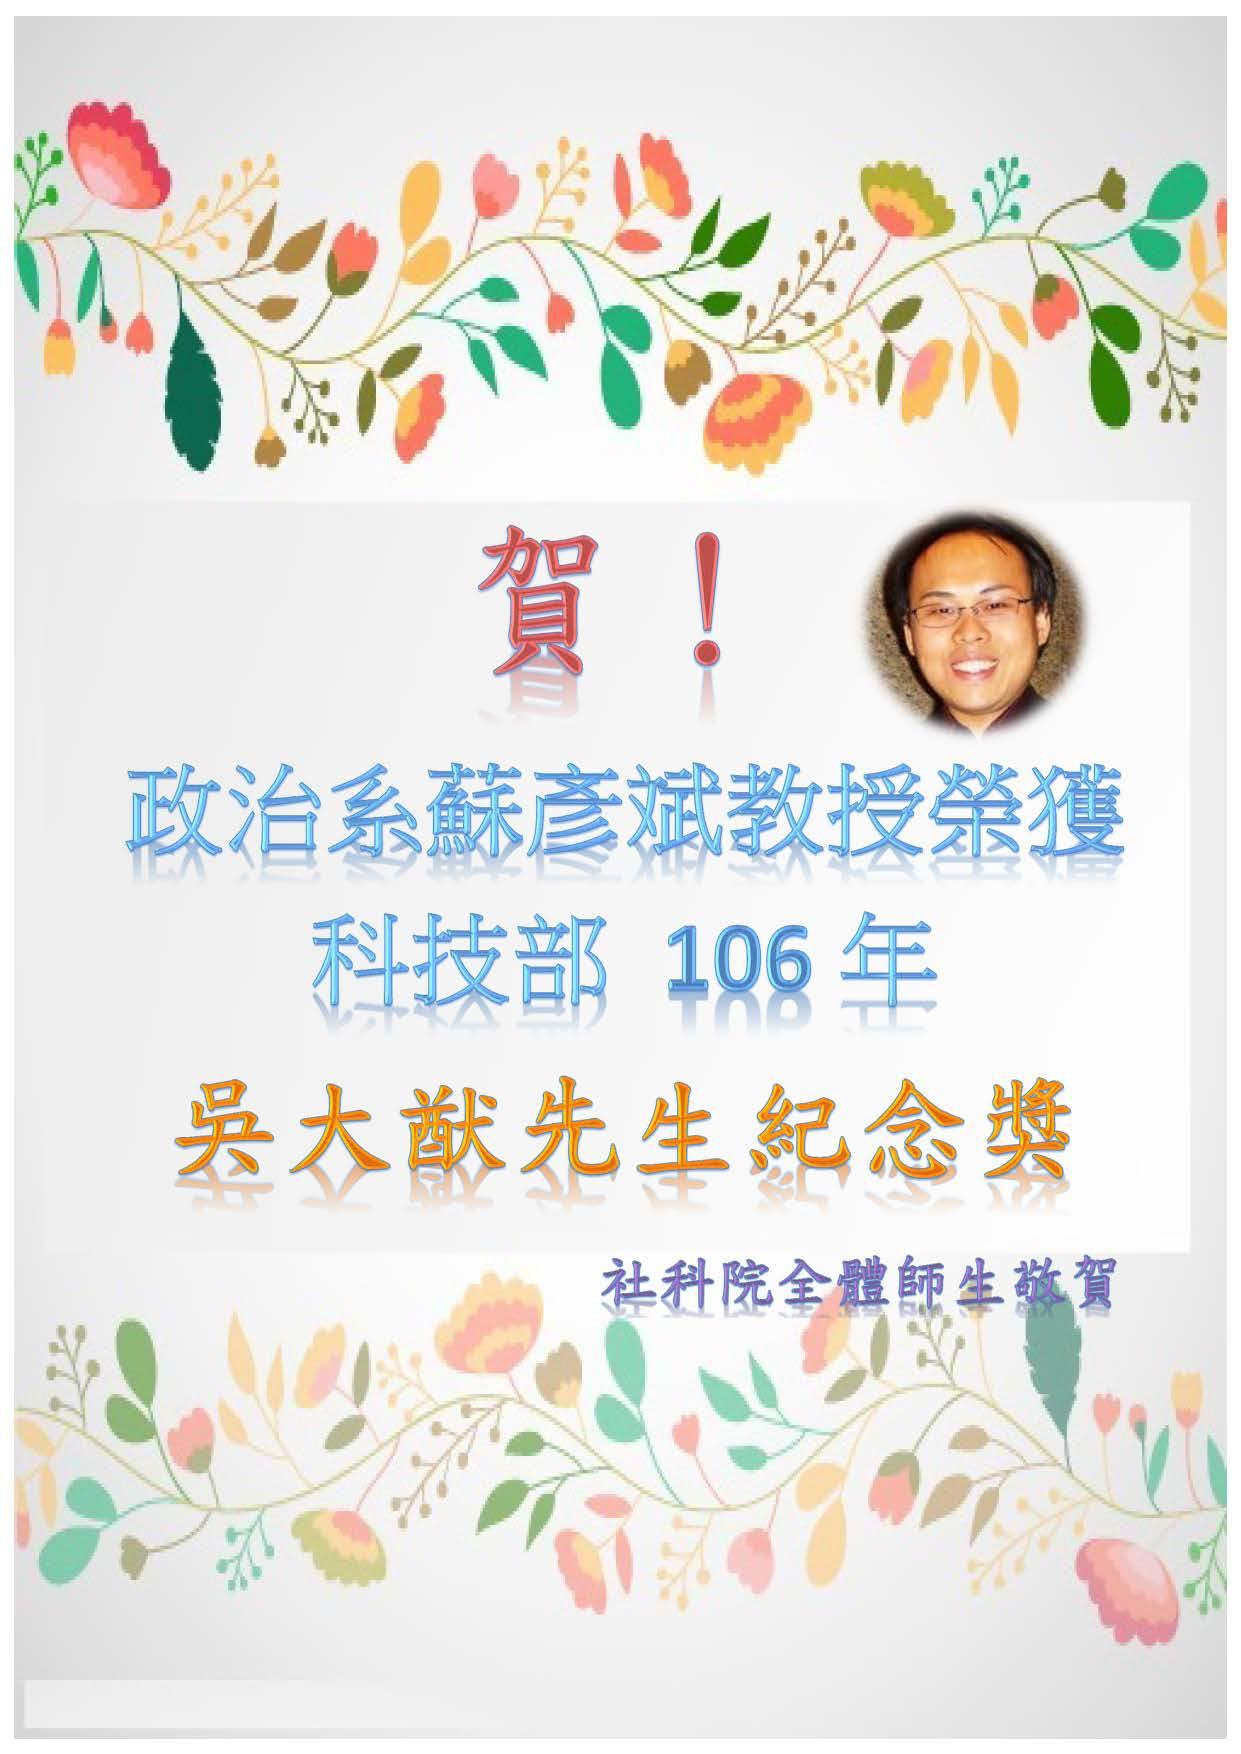 恭賀106-蘇彥斌